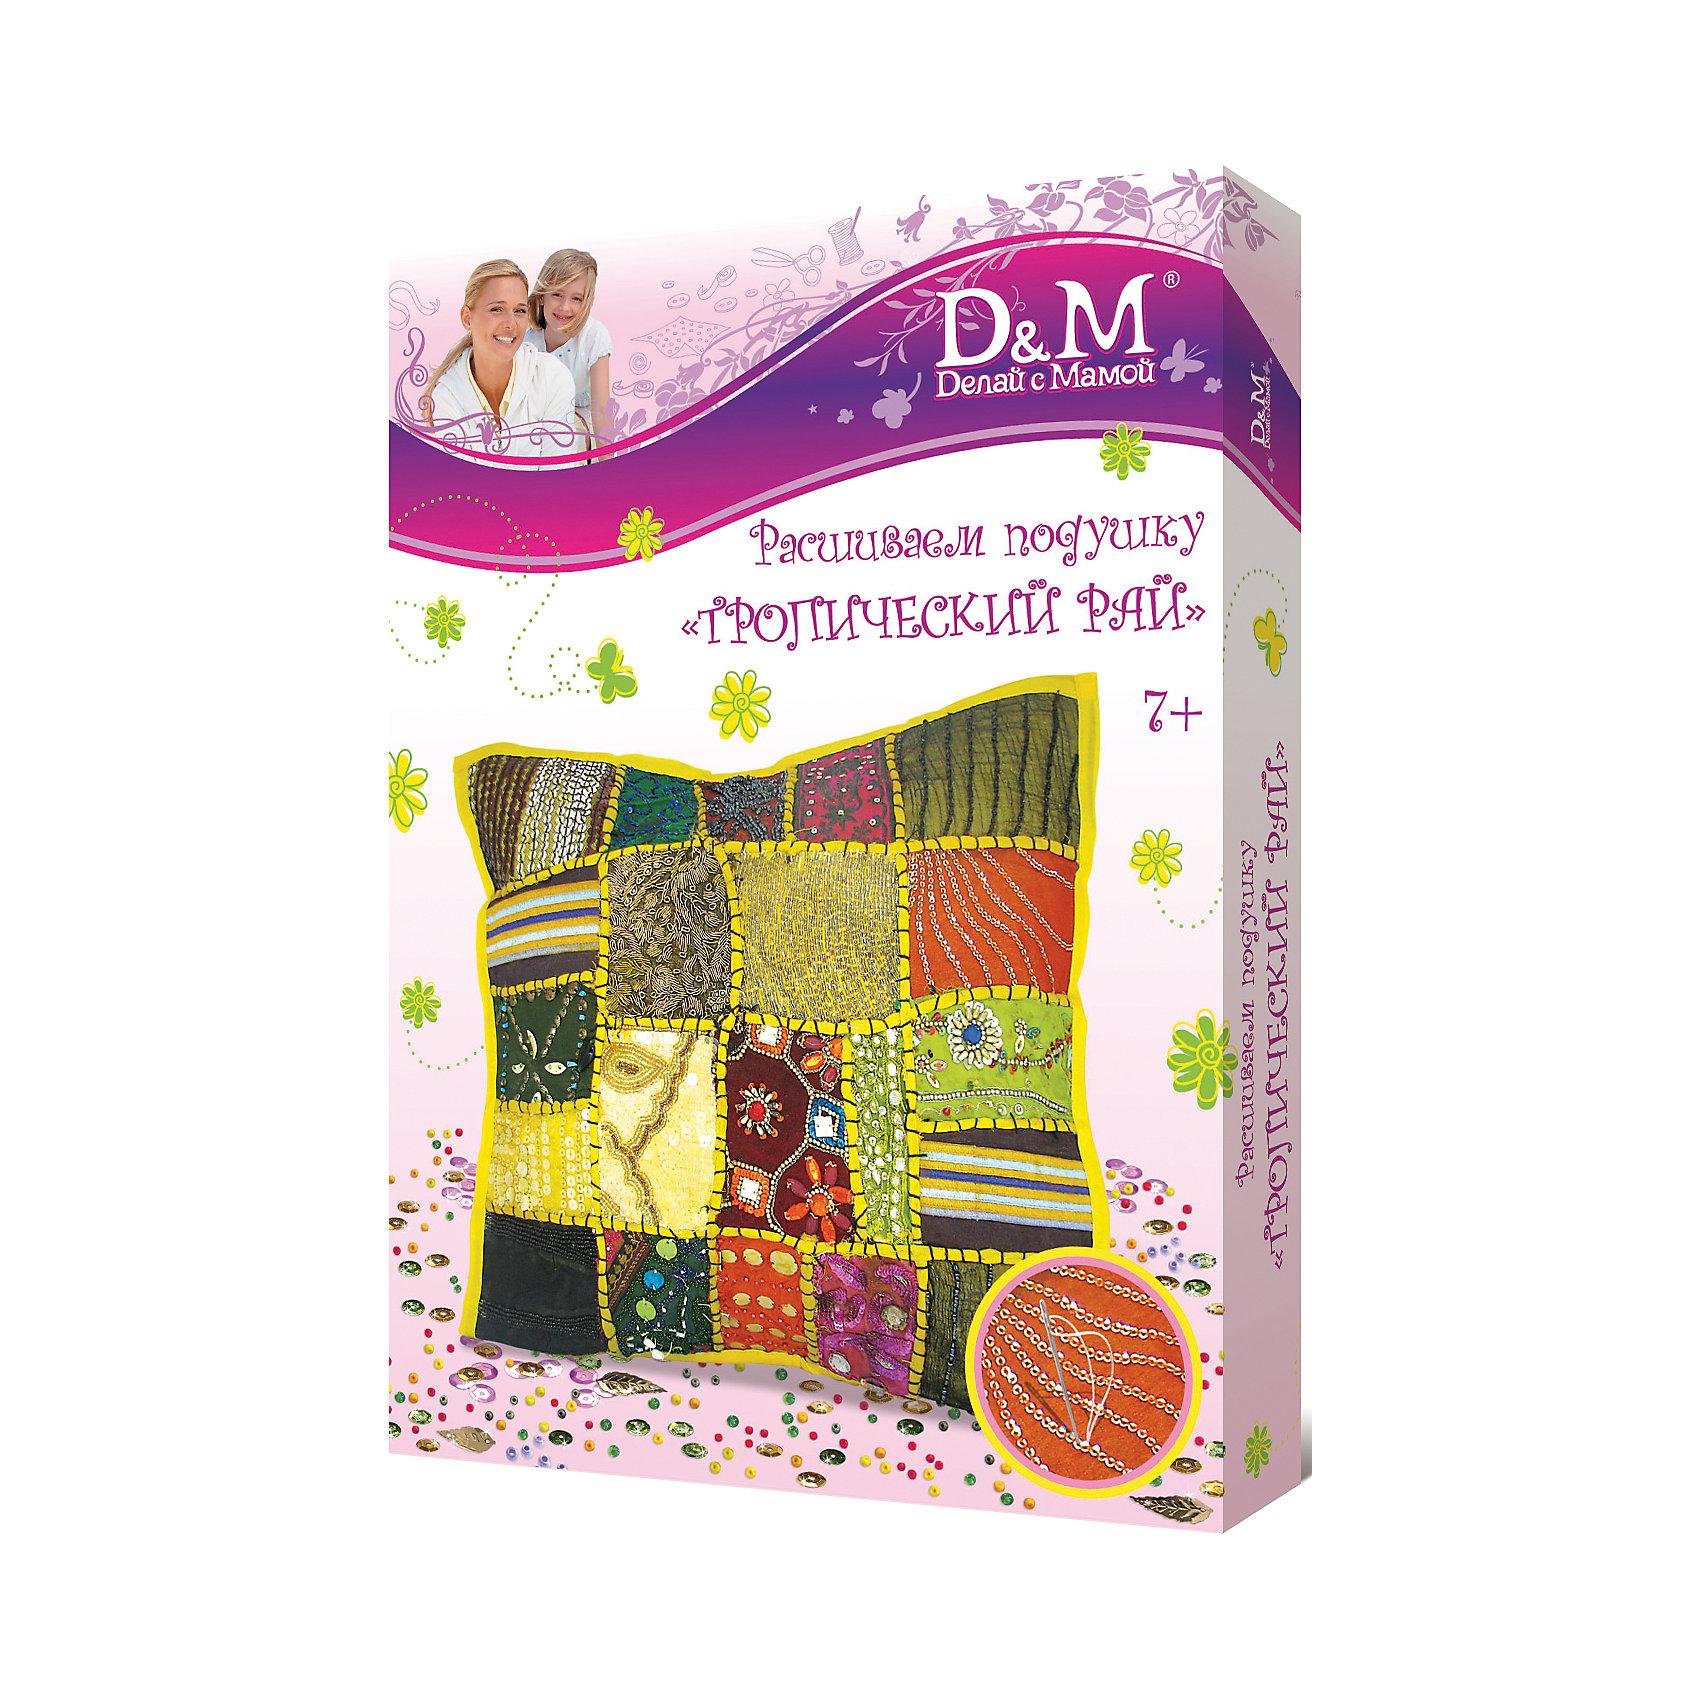 Набор для вышивания подушки Тропический райШитьё<br>Набор для вышивания подушки Тропический рай - это отличный подарок для маленьких рукодельниц!<br>Набор для вышивания подушки Тропический рай предлагает создать замечательную наволочку на подушку, используя технику пэчворк и индийскую вышивку бисером по ткани. Разноцветные лоскутки ткани (в набор НЕ входят) пришиваются на наволочку, а затем расшиваются разноцветным бисером, сверкающими пайетками. Декоративным шнуром можно сделать окантовку наволочки или расшить по границам квадратных лоскутков, чтобы спрятать швы. Подушка в расшитой своими руками наволочке украсит любой интерьер, придав ему неповторимый стиль.<br><br>Дополнительная информация:<br><br>- В наборе: наволочка 40х40 см.; 8 пакетиков с пайетками и бисером; шнур, подробная инструкция<br>- Размер упаковки: 250x180x30 мм.<br>- Вес: 182 гр.<br><br>Набор для вышивания подушки Тропический рай можно купить в нашем интернет-магазине.<br><br>Ширина мм: 180<br>Глубина мм: 40<br>Высота мм: 250<br>Вес г: 208<br>Возраст от месяцев: 84<br>Возраст до месяцев: 2147483647<br>Пол: Женский<br>Возраст: Детский<br>SKU: 4564007